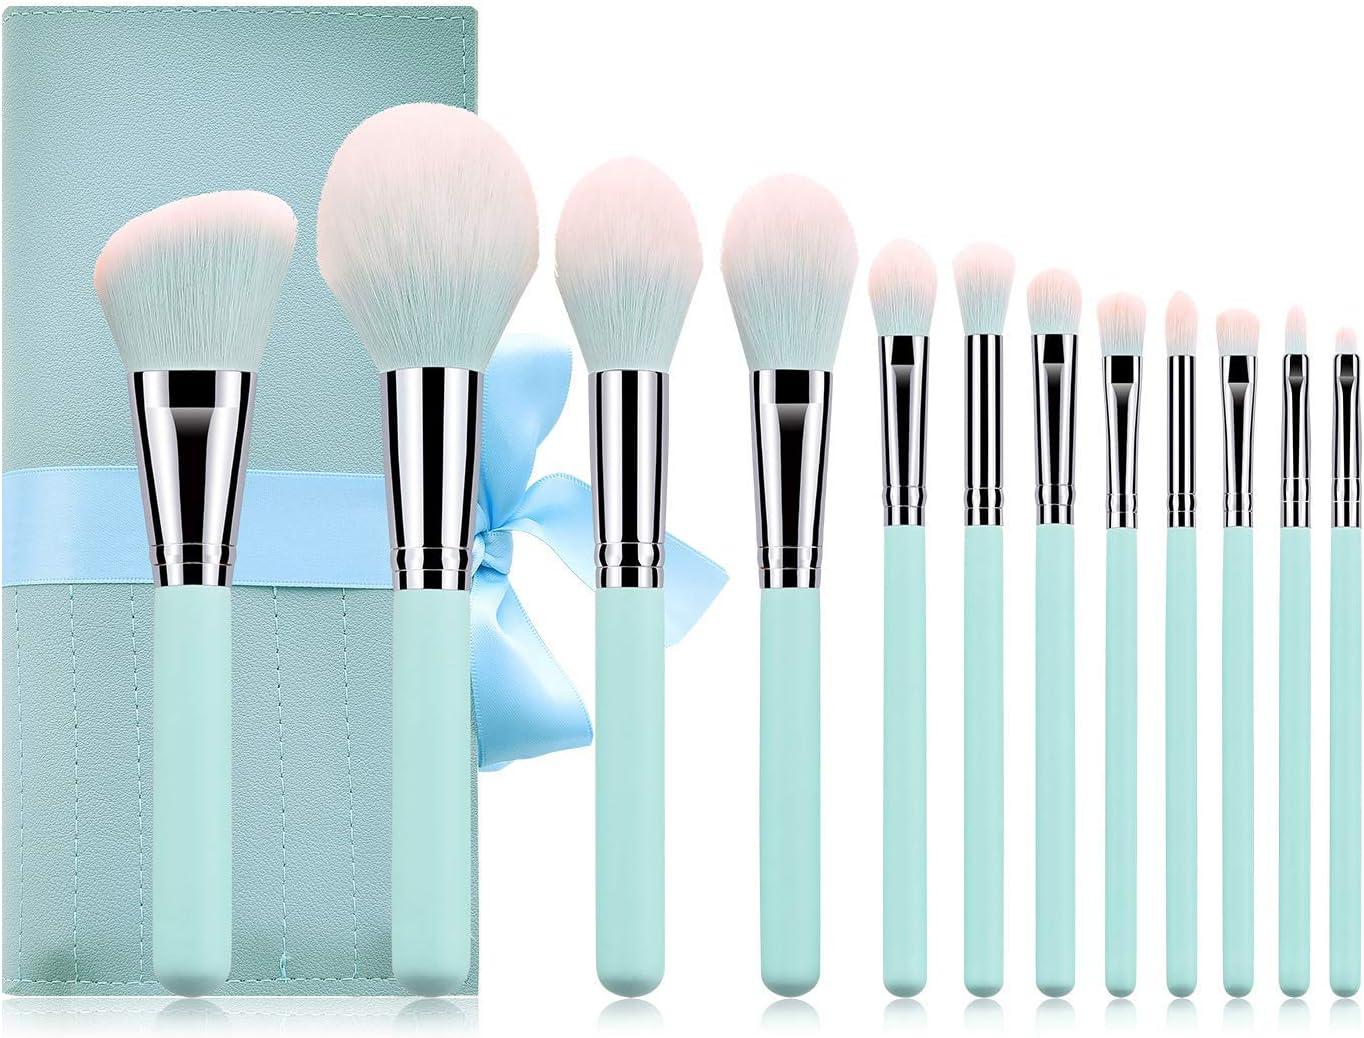 LETGOPrime Deals Day Deals 2020-Juego de 12 brochas de maquillaje profesional con mango de madera, base de polvo sintético, mezcla de sombra de ojos, corrector, bolsa de regalo, , , Azul turquesa,, ]